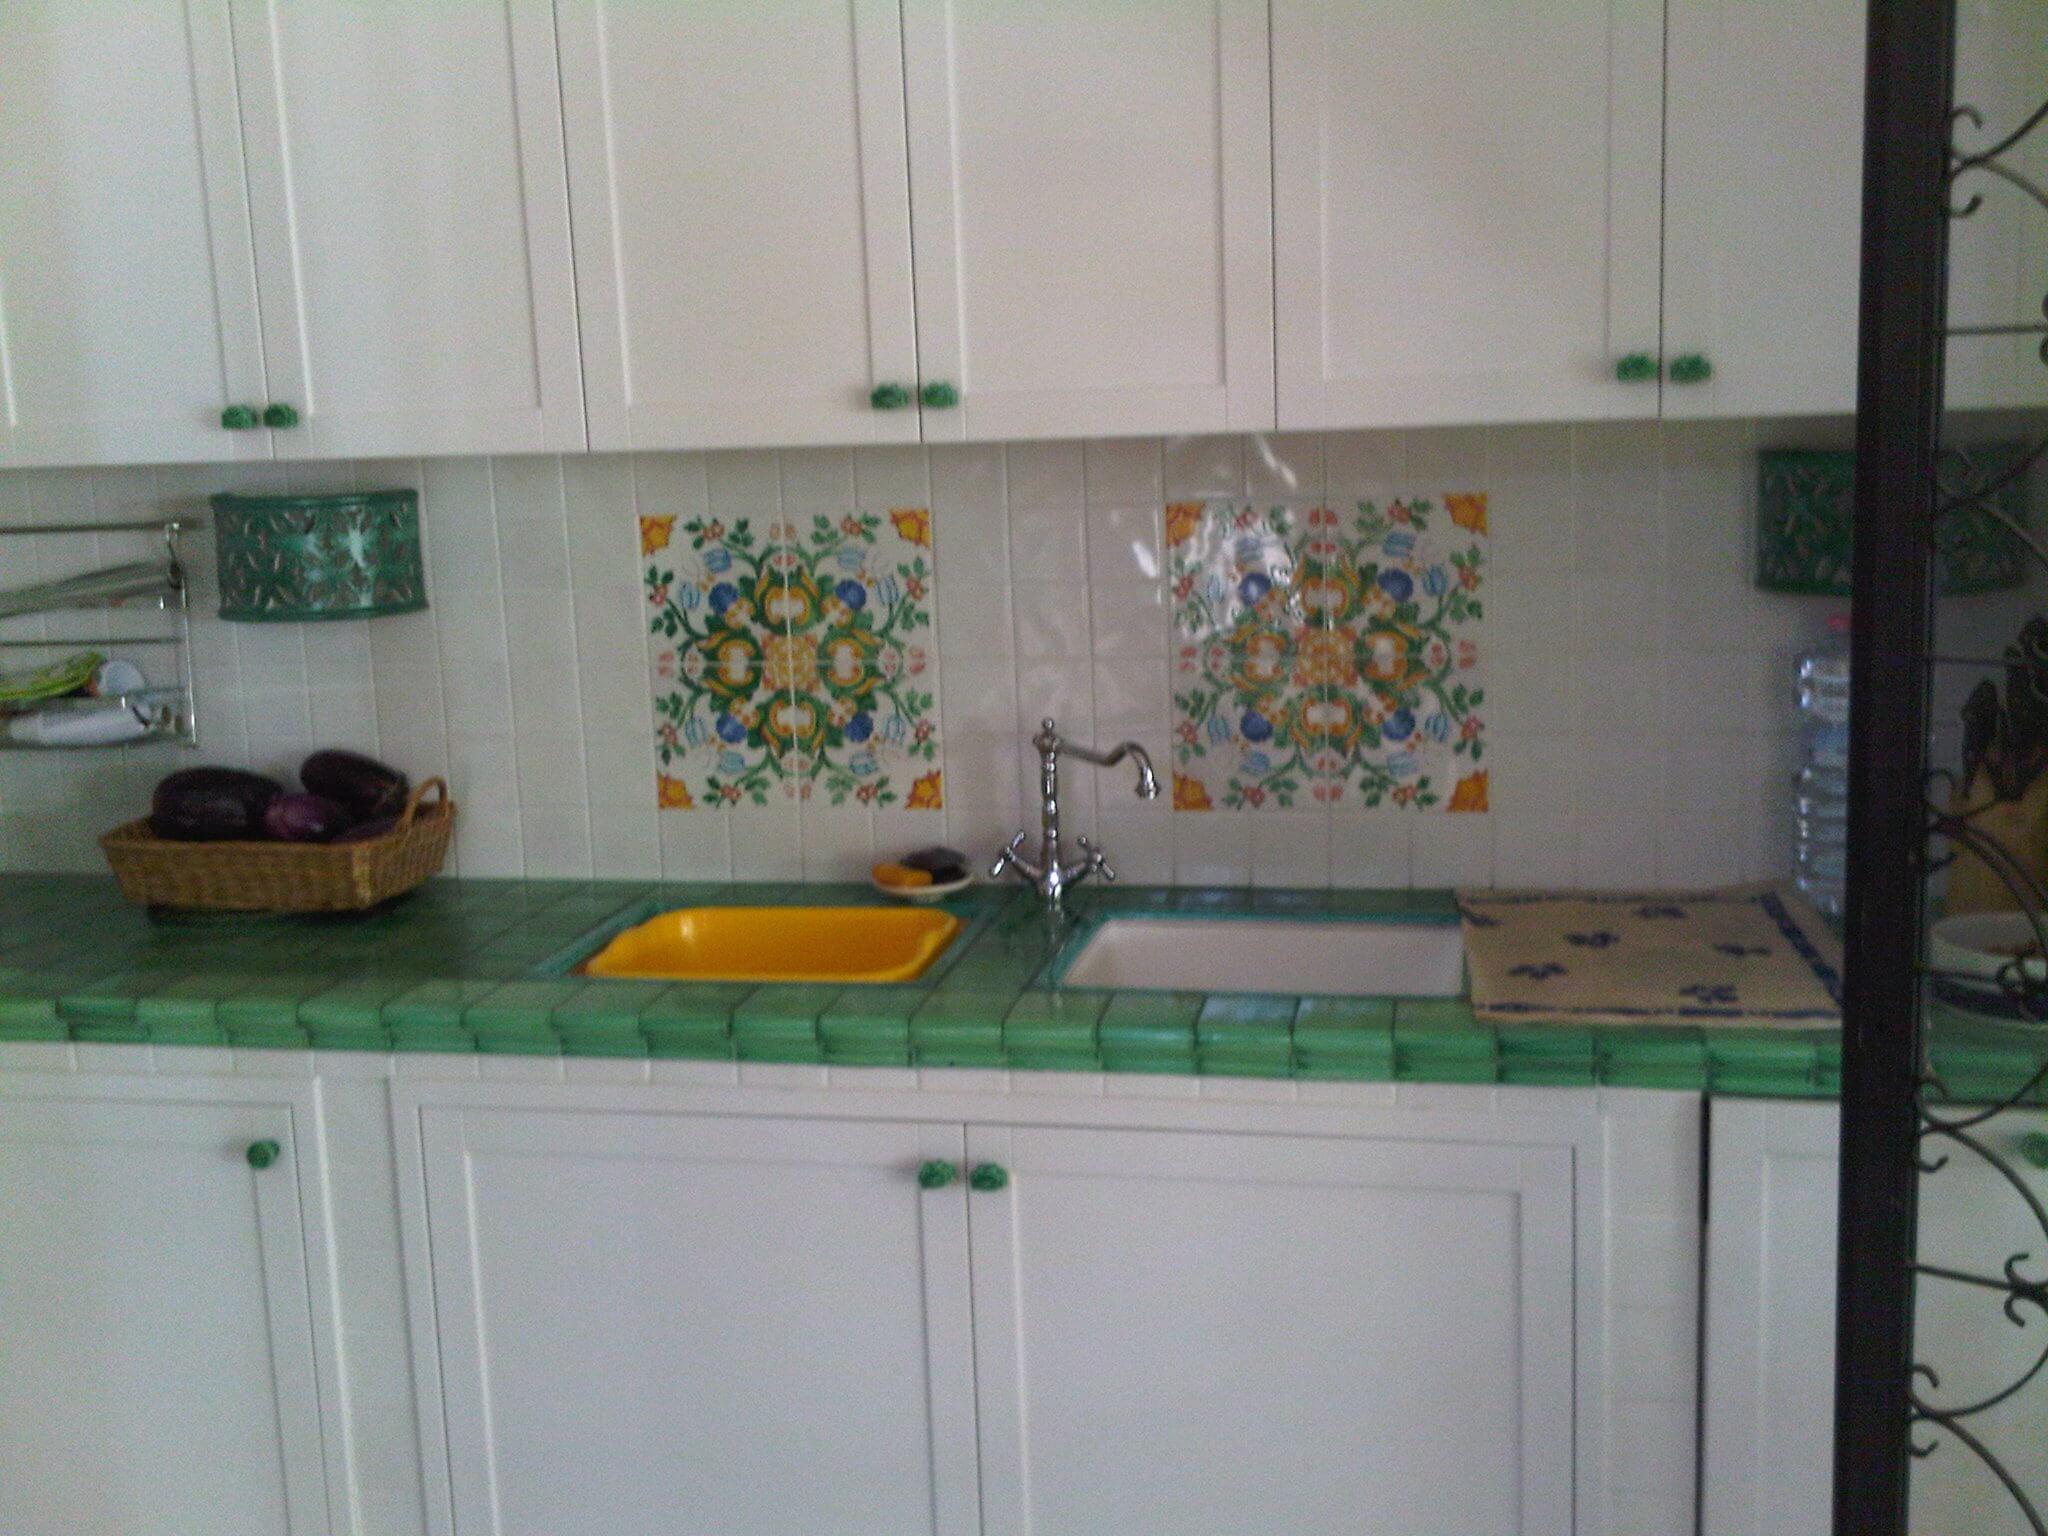 cucina con mobili bianchi, piano verde e piastrelle a tema sul muro